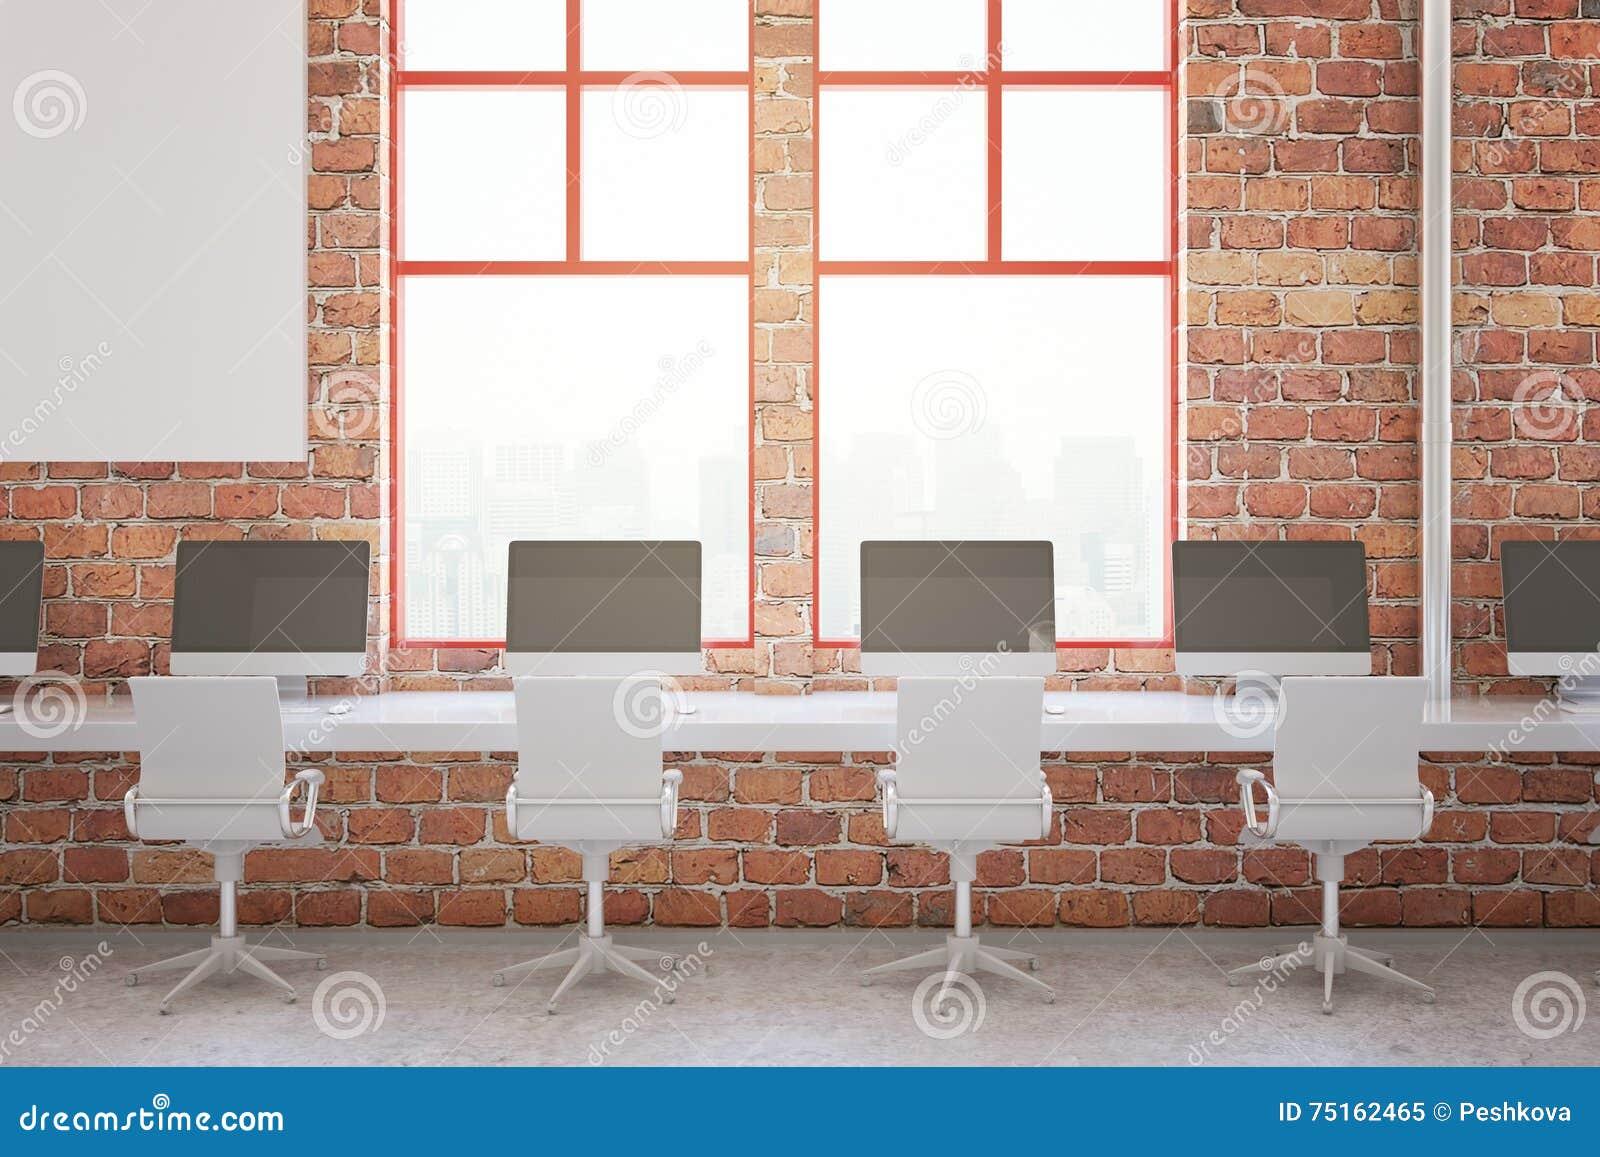 Ufficio Rosso E Bianco : Interno dell ufficio del mattone rosso illustrazione di stock